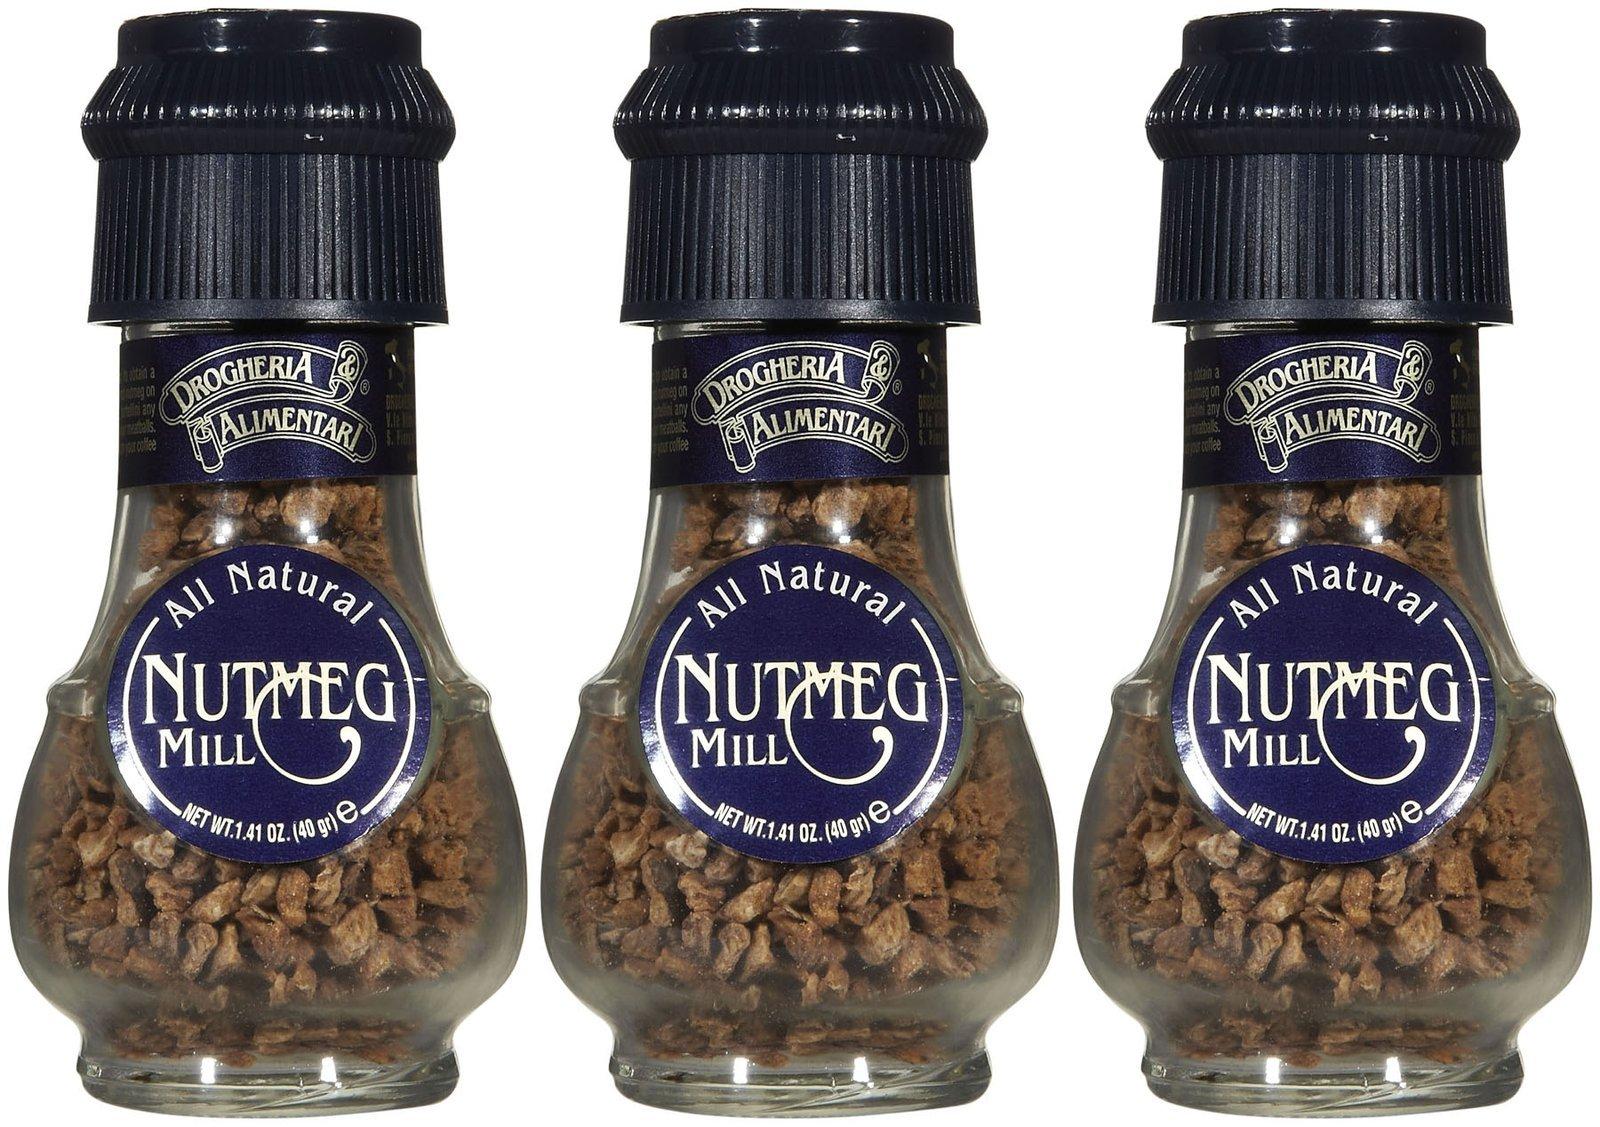 Drogheria & Alimentari All Natural Spice Grinder Nutmeg, 1.41 oz Jars, 3 pk